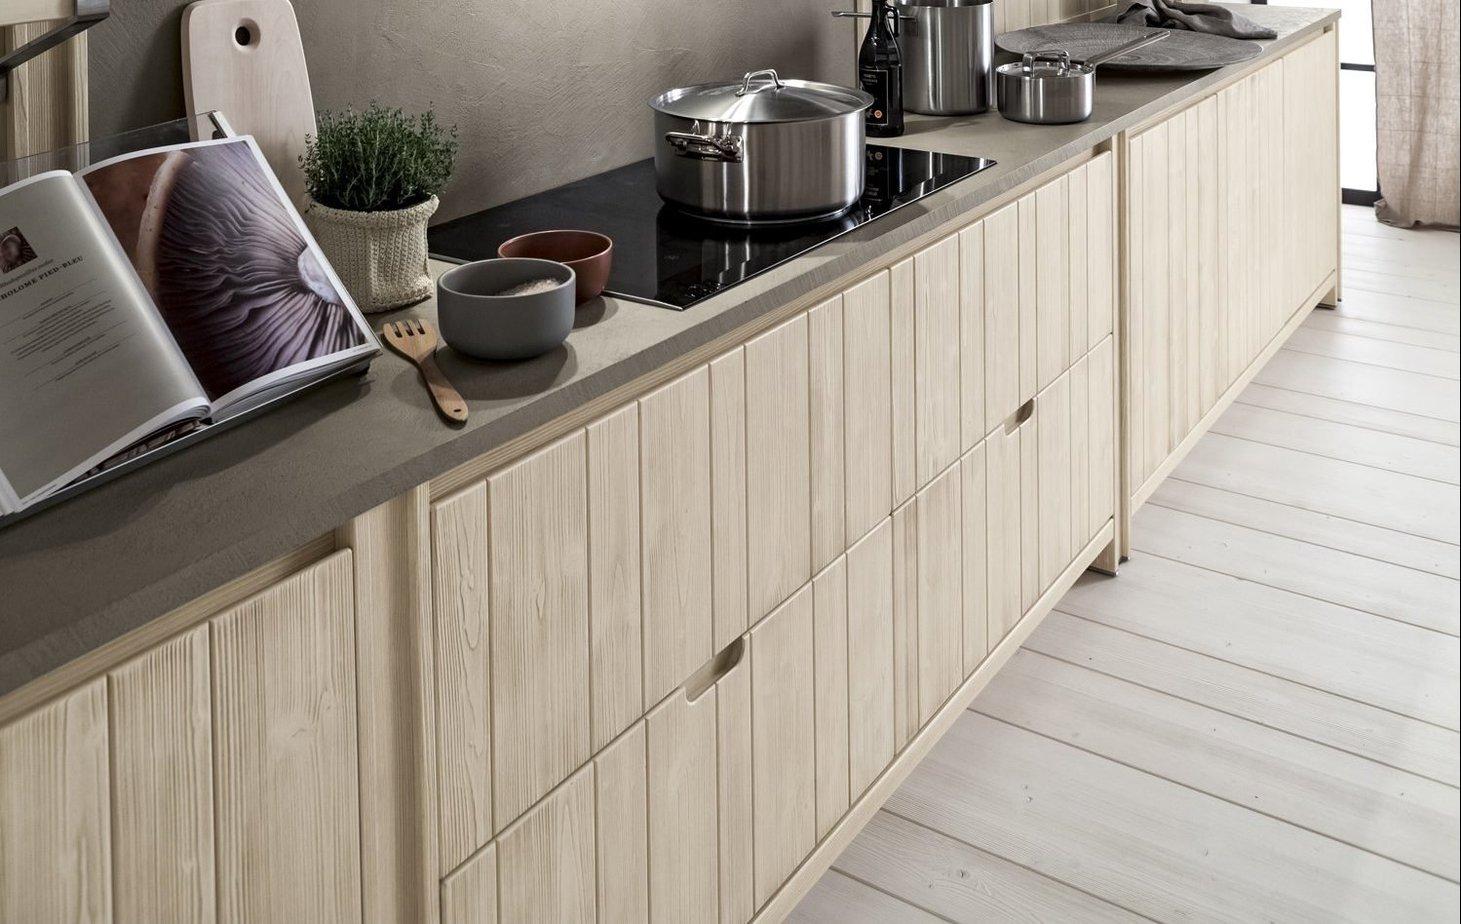 Cucina in Legno Massello Ecologico particolare della gola in legno